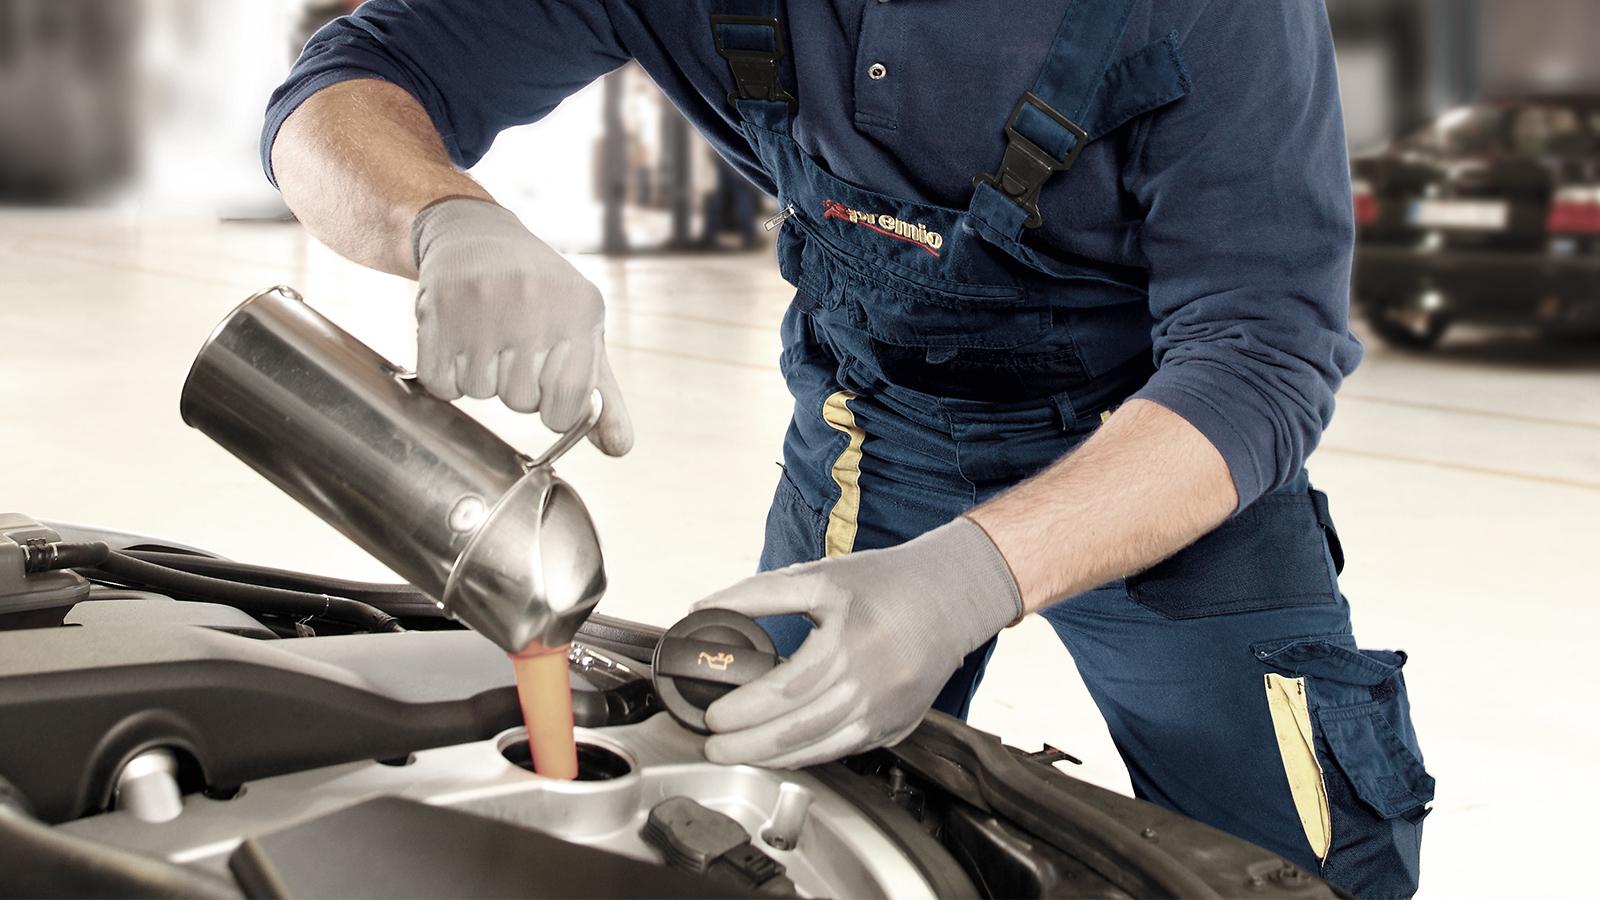 Olie verversen helpt uw motor optimaal te functioneren